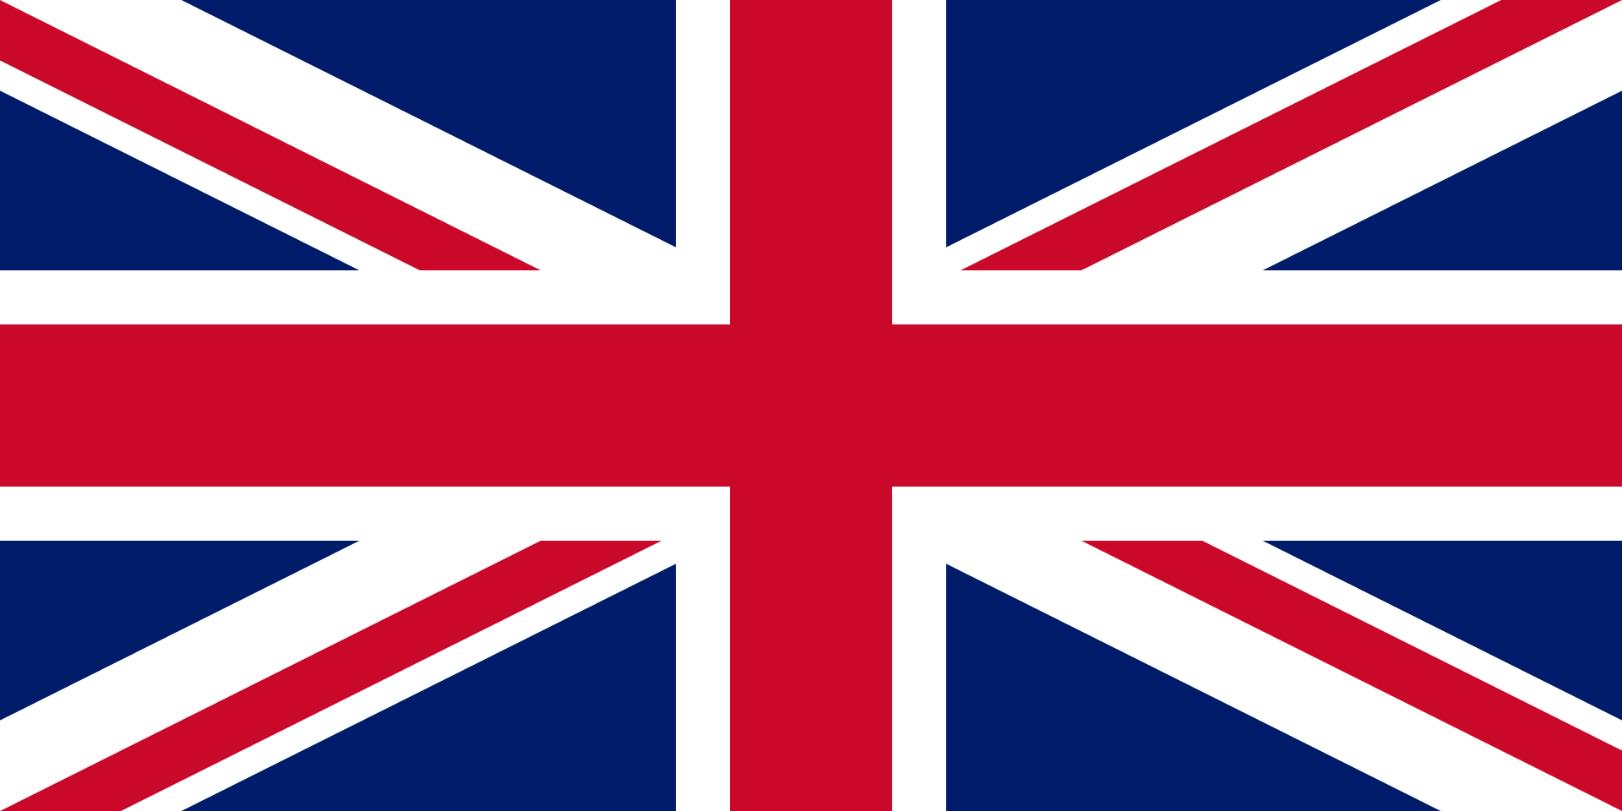 Flagge im Querformat Land Großbritannien 150x100 cm